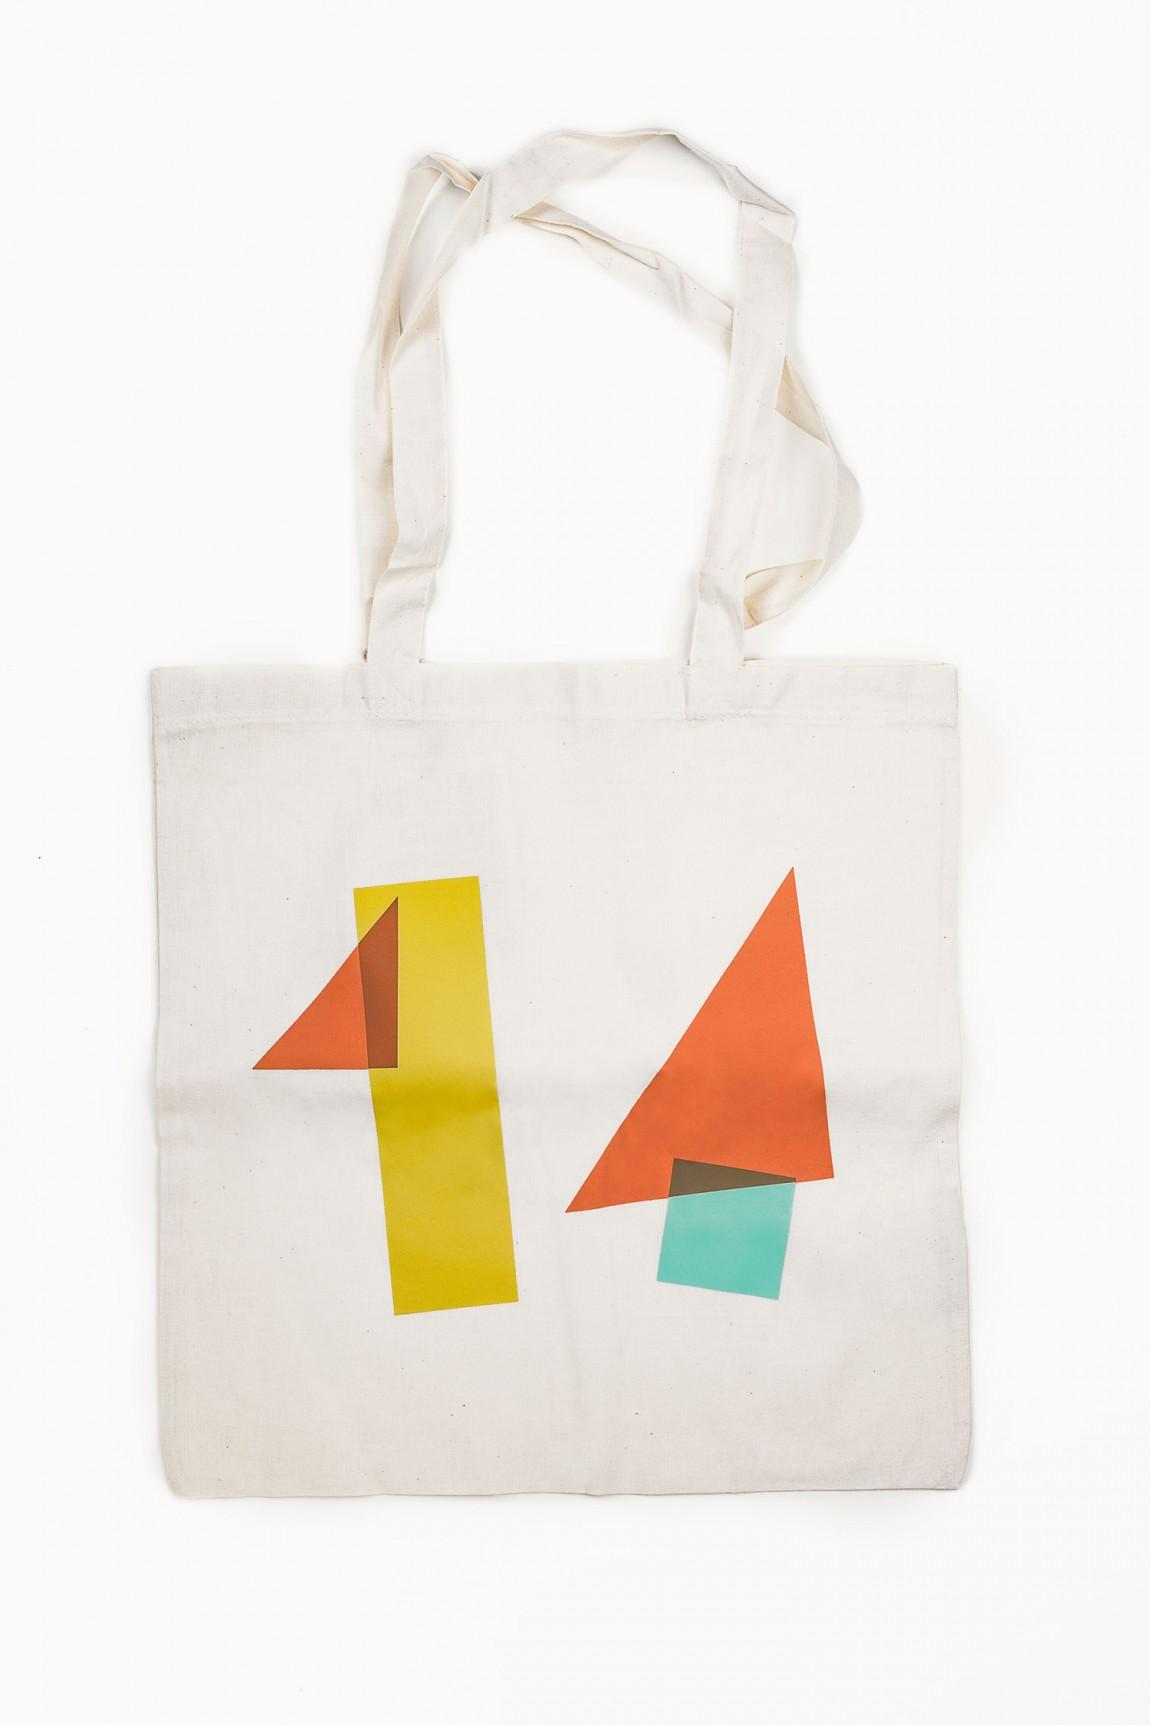 14 Islands数字开发公司企业品牌设计,手提袋设计